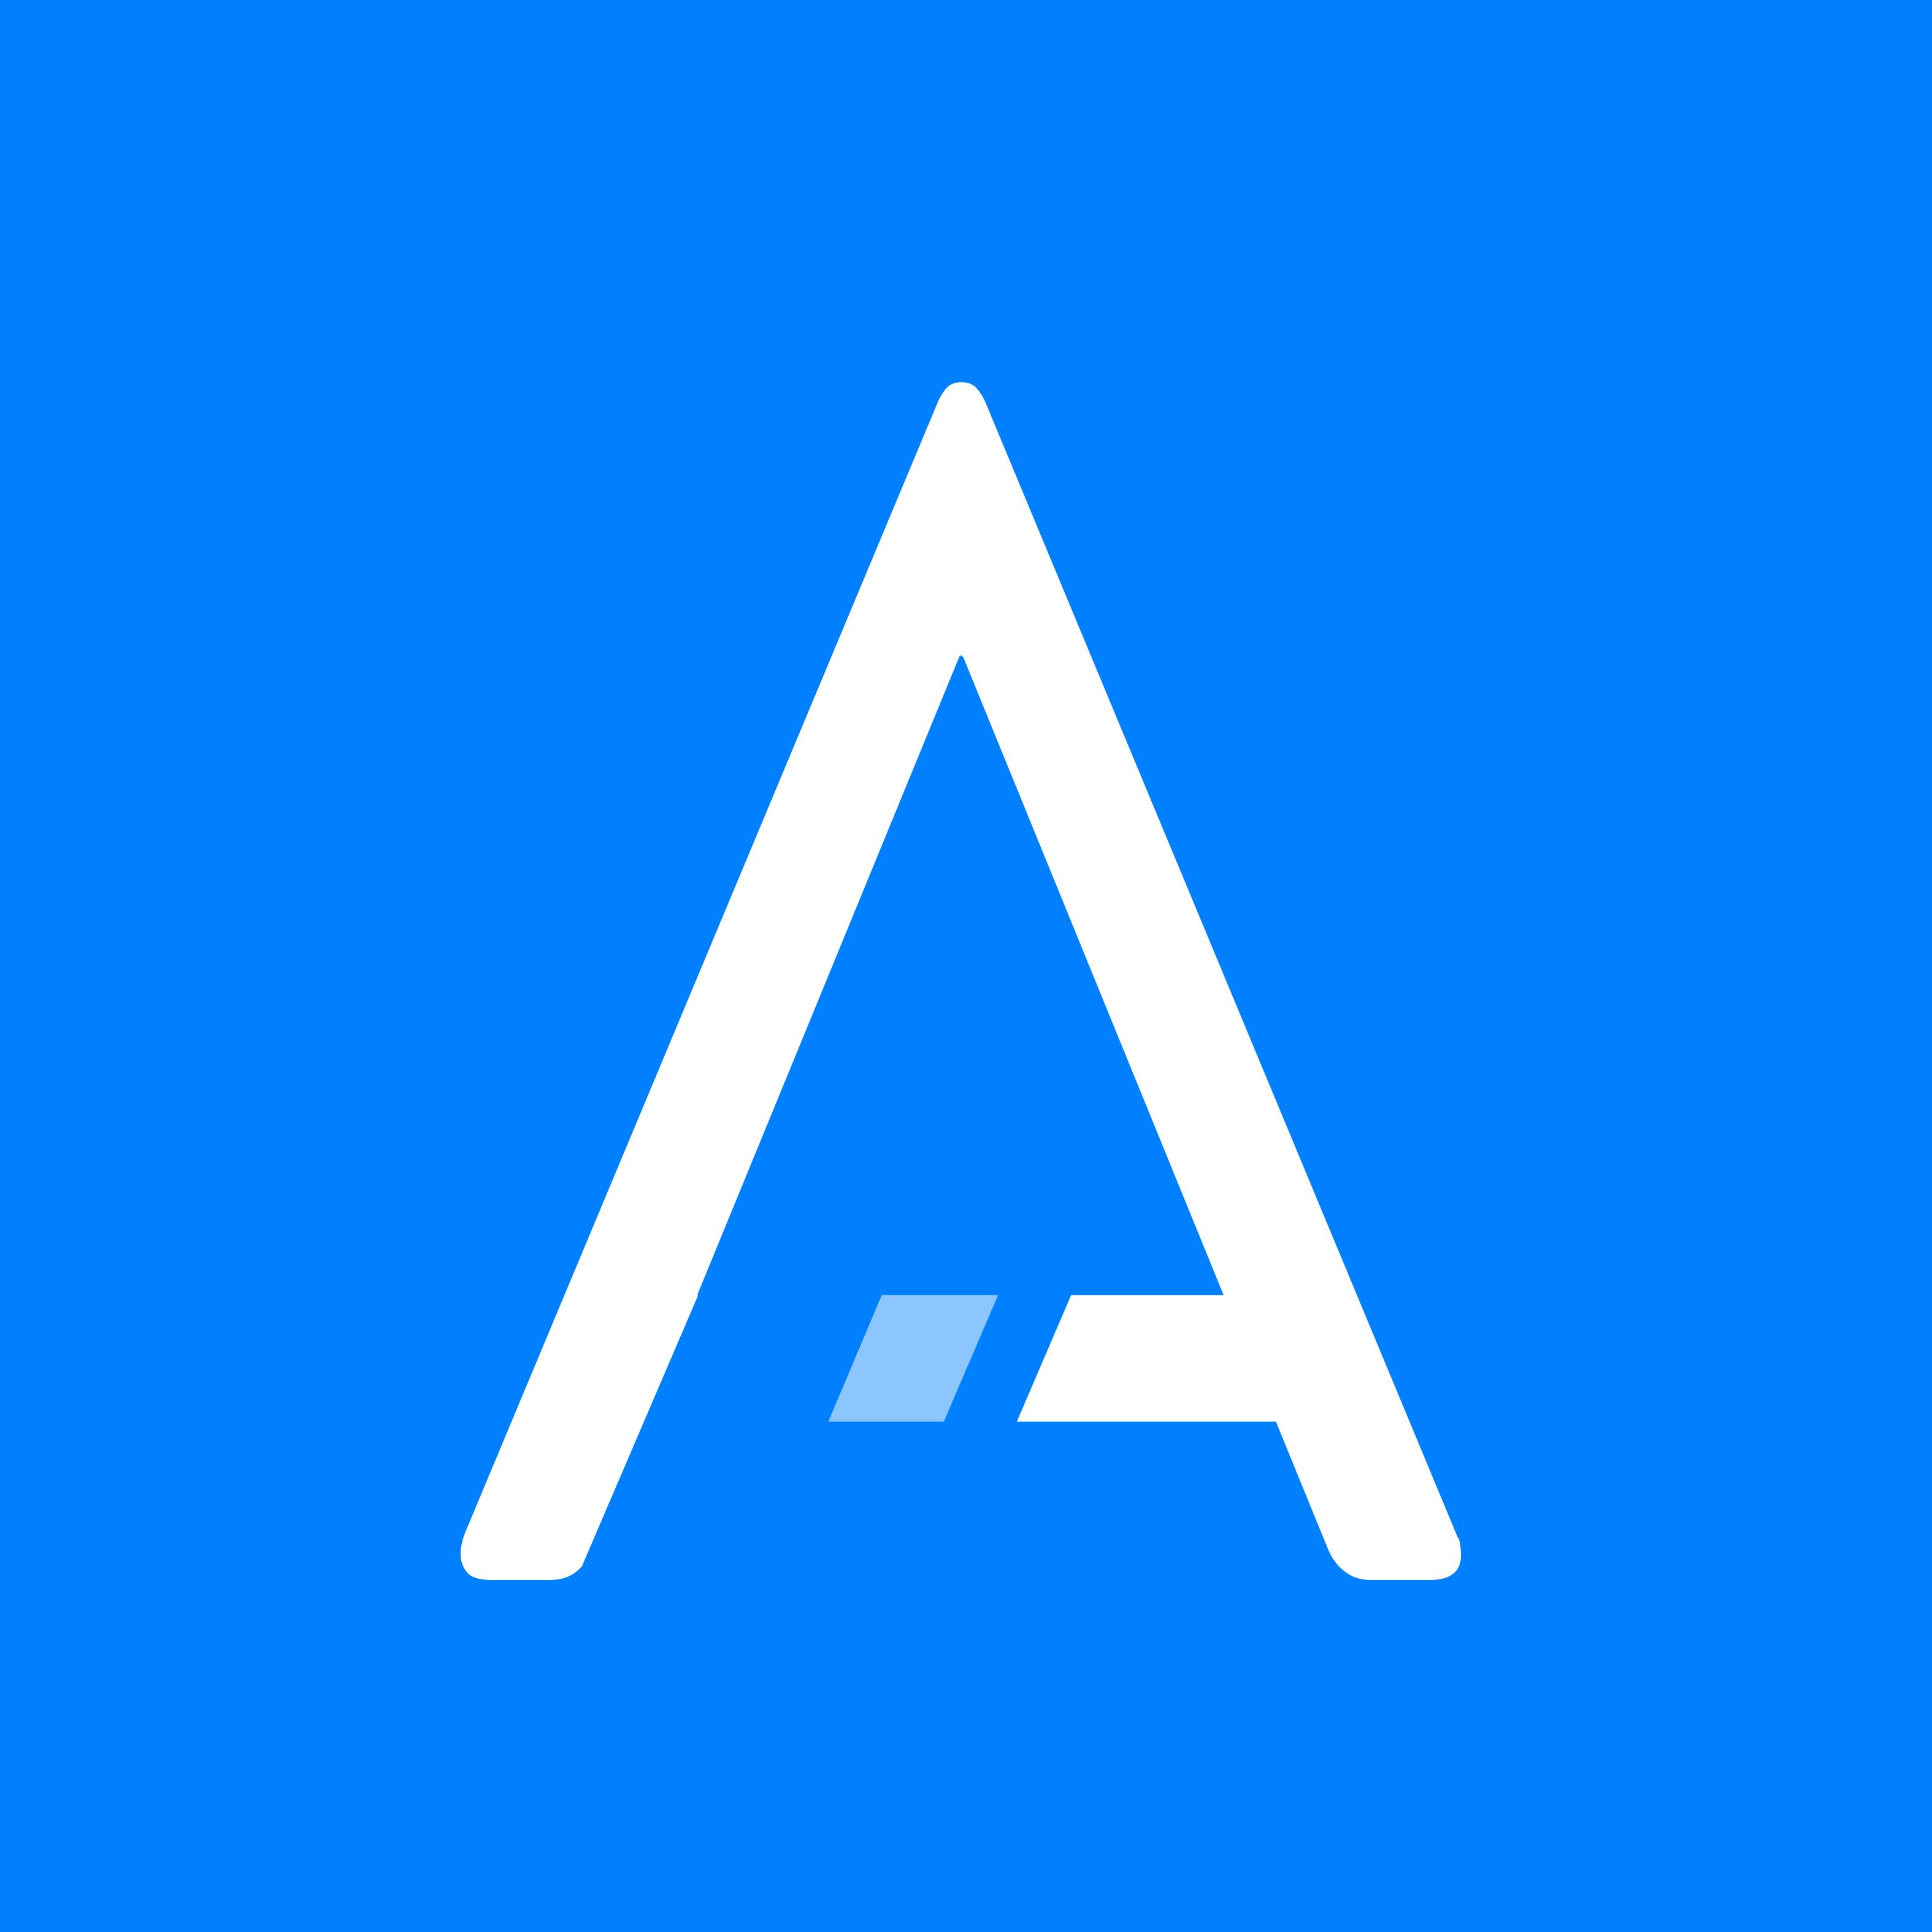 Schmetterling Techniklösungen für Reisebüros - ARGUS Logo - weißes A auf blauem Hintergrund